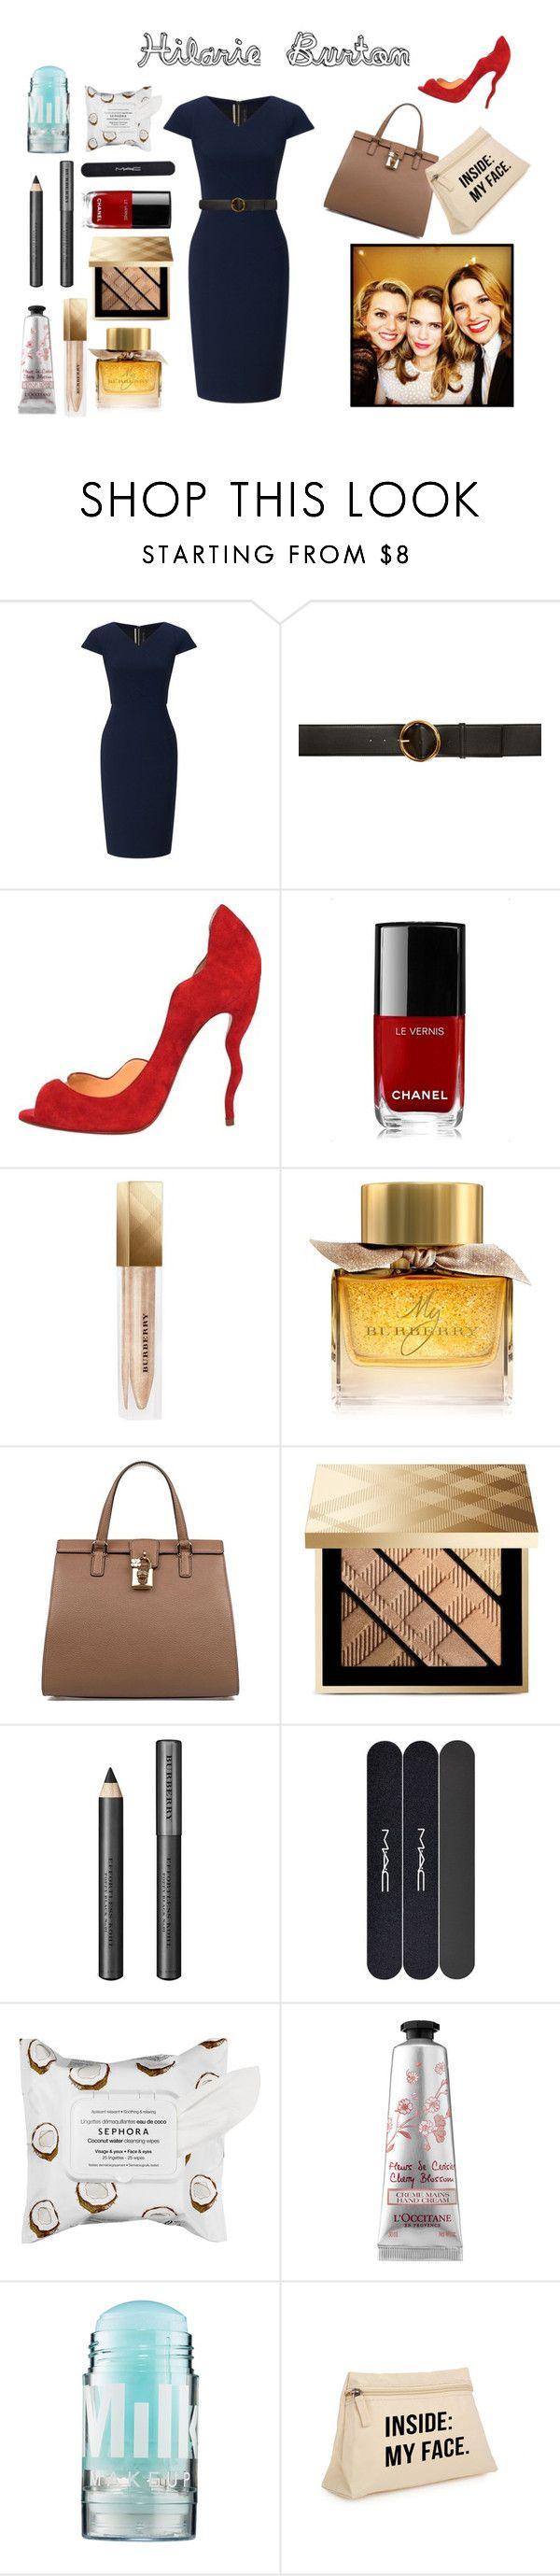 25+ melhores ideias sobre Chanel 5 sephora no Pinterest | Olho ...